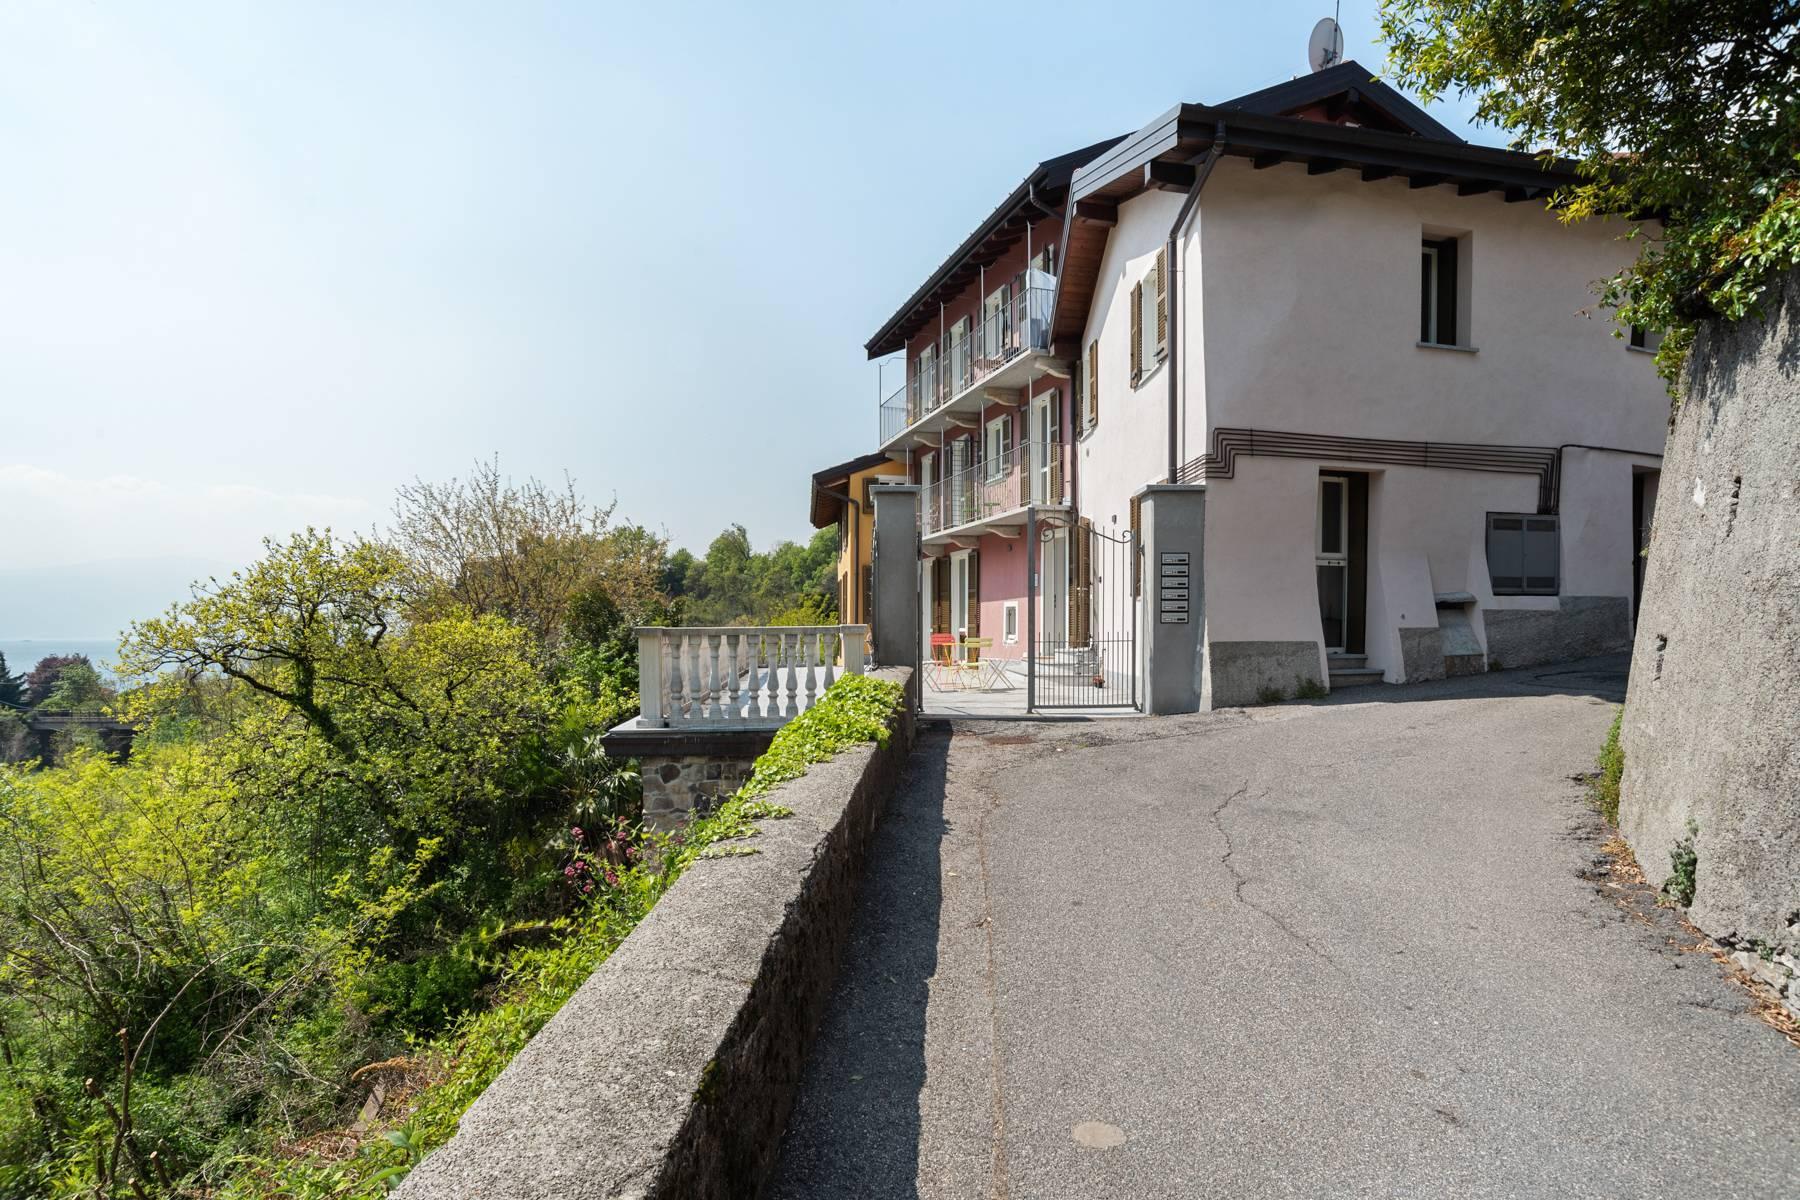 Appartamento in Vendita a Castelveccana: 3 locali, 108 mq - Foto 16